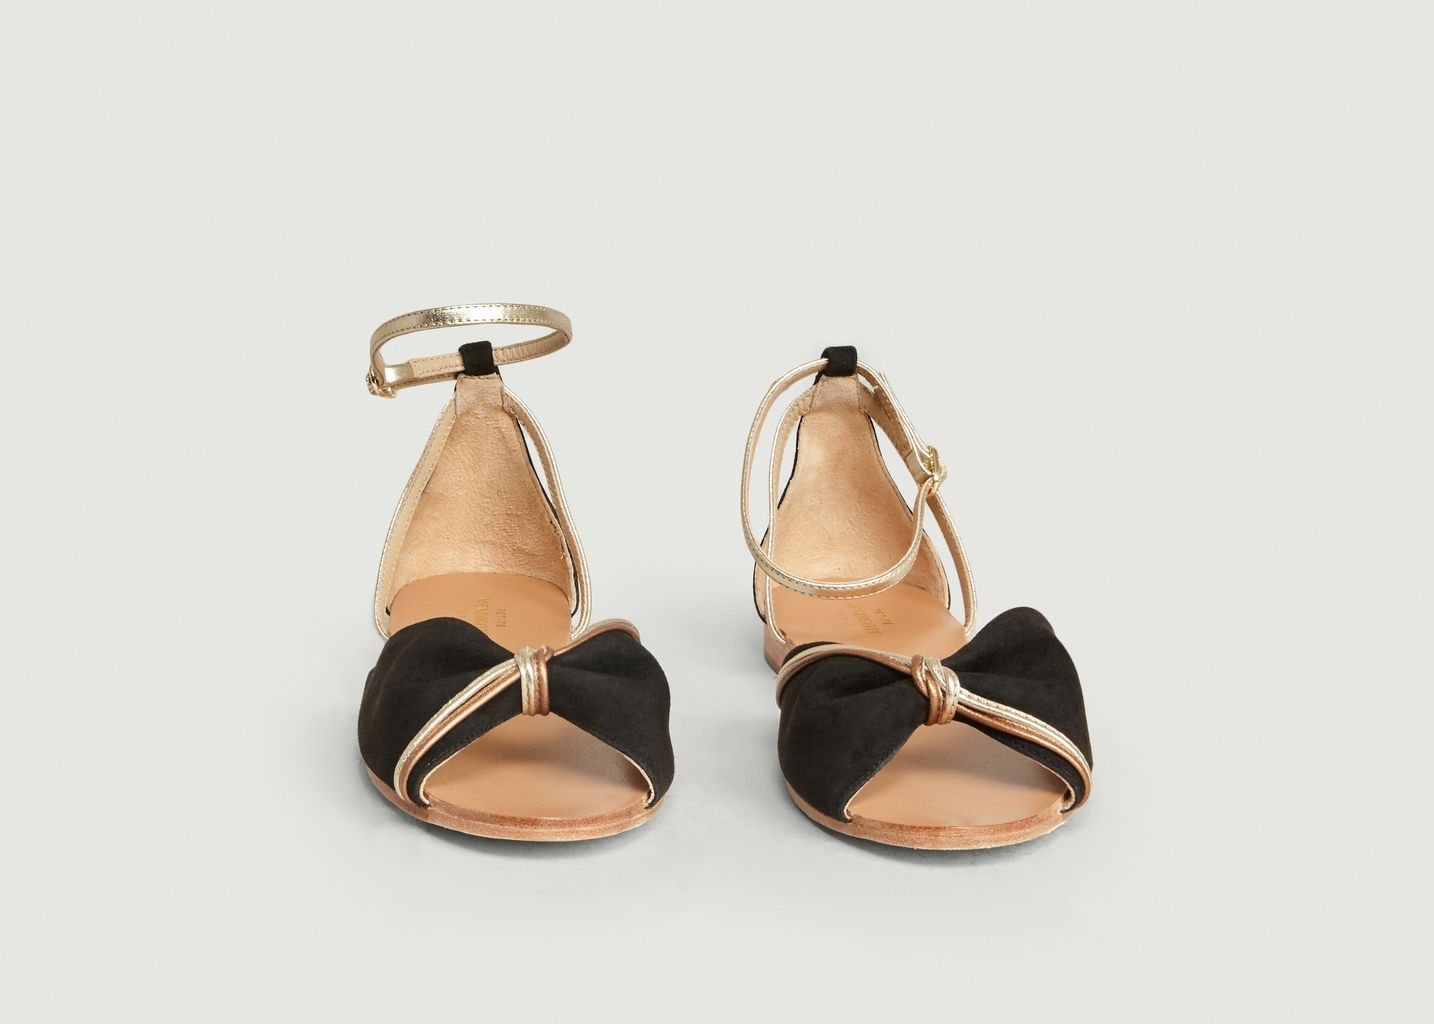 Sandales En Cuir Suédé Et Métallisé Adamo - Petite Mendigote